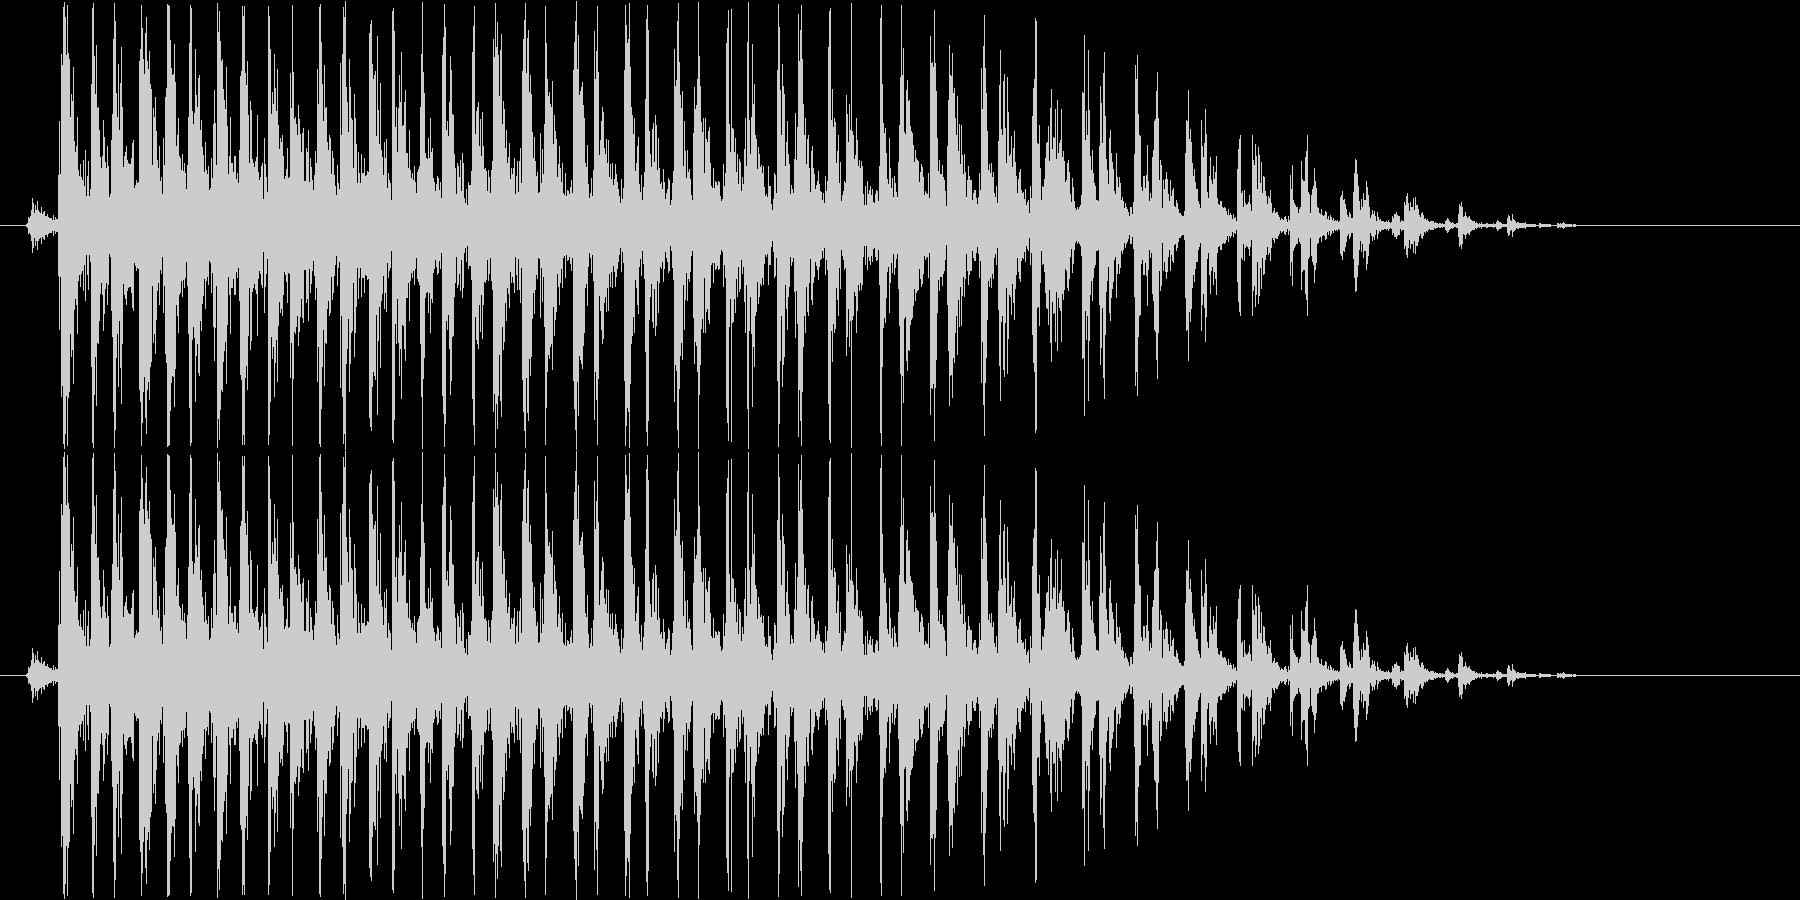 ビブラスラップ(軽め)の未再生の波形